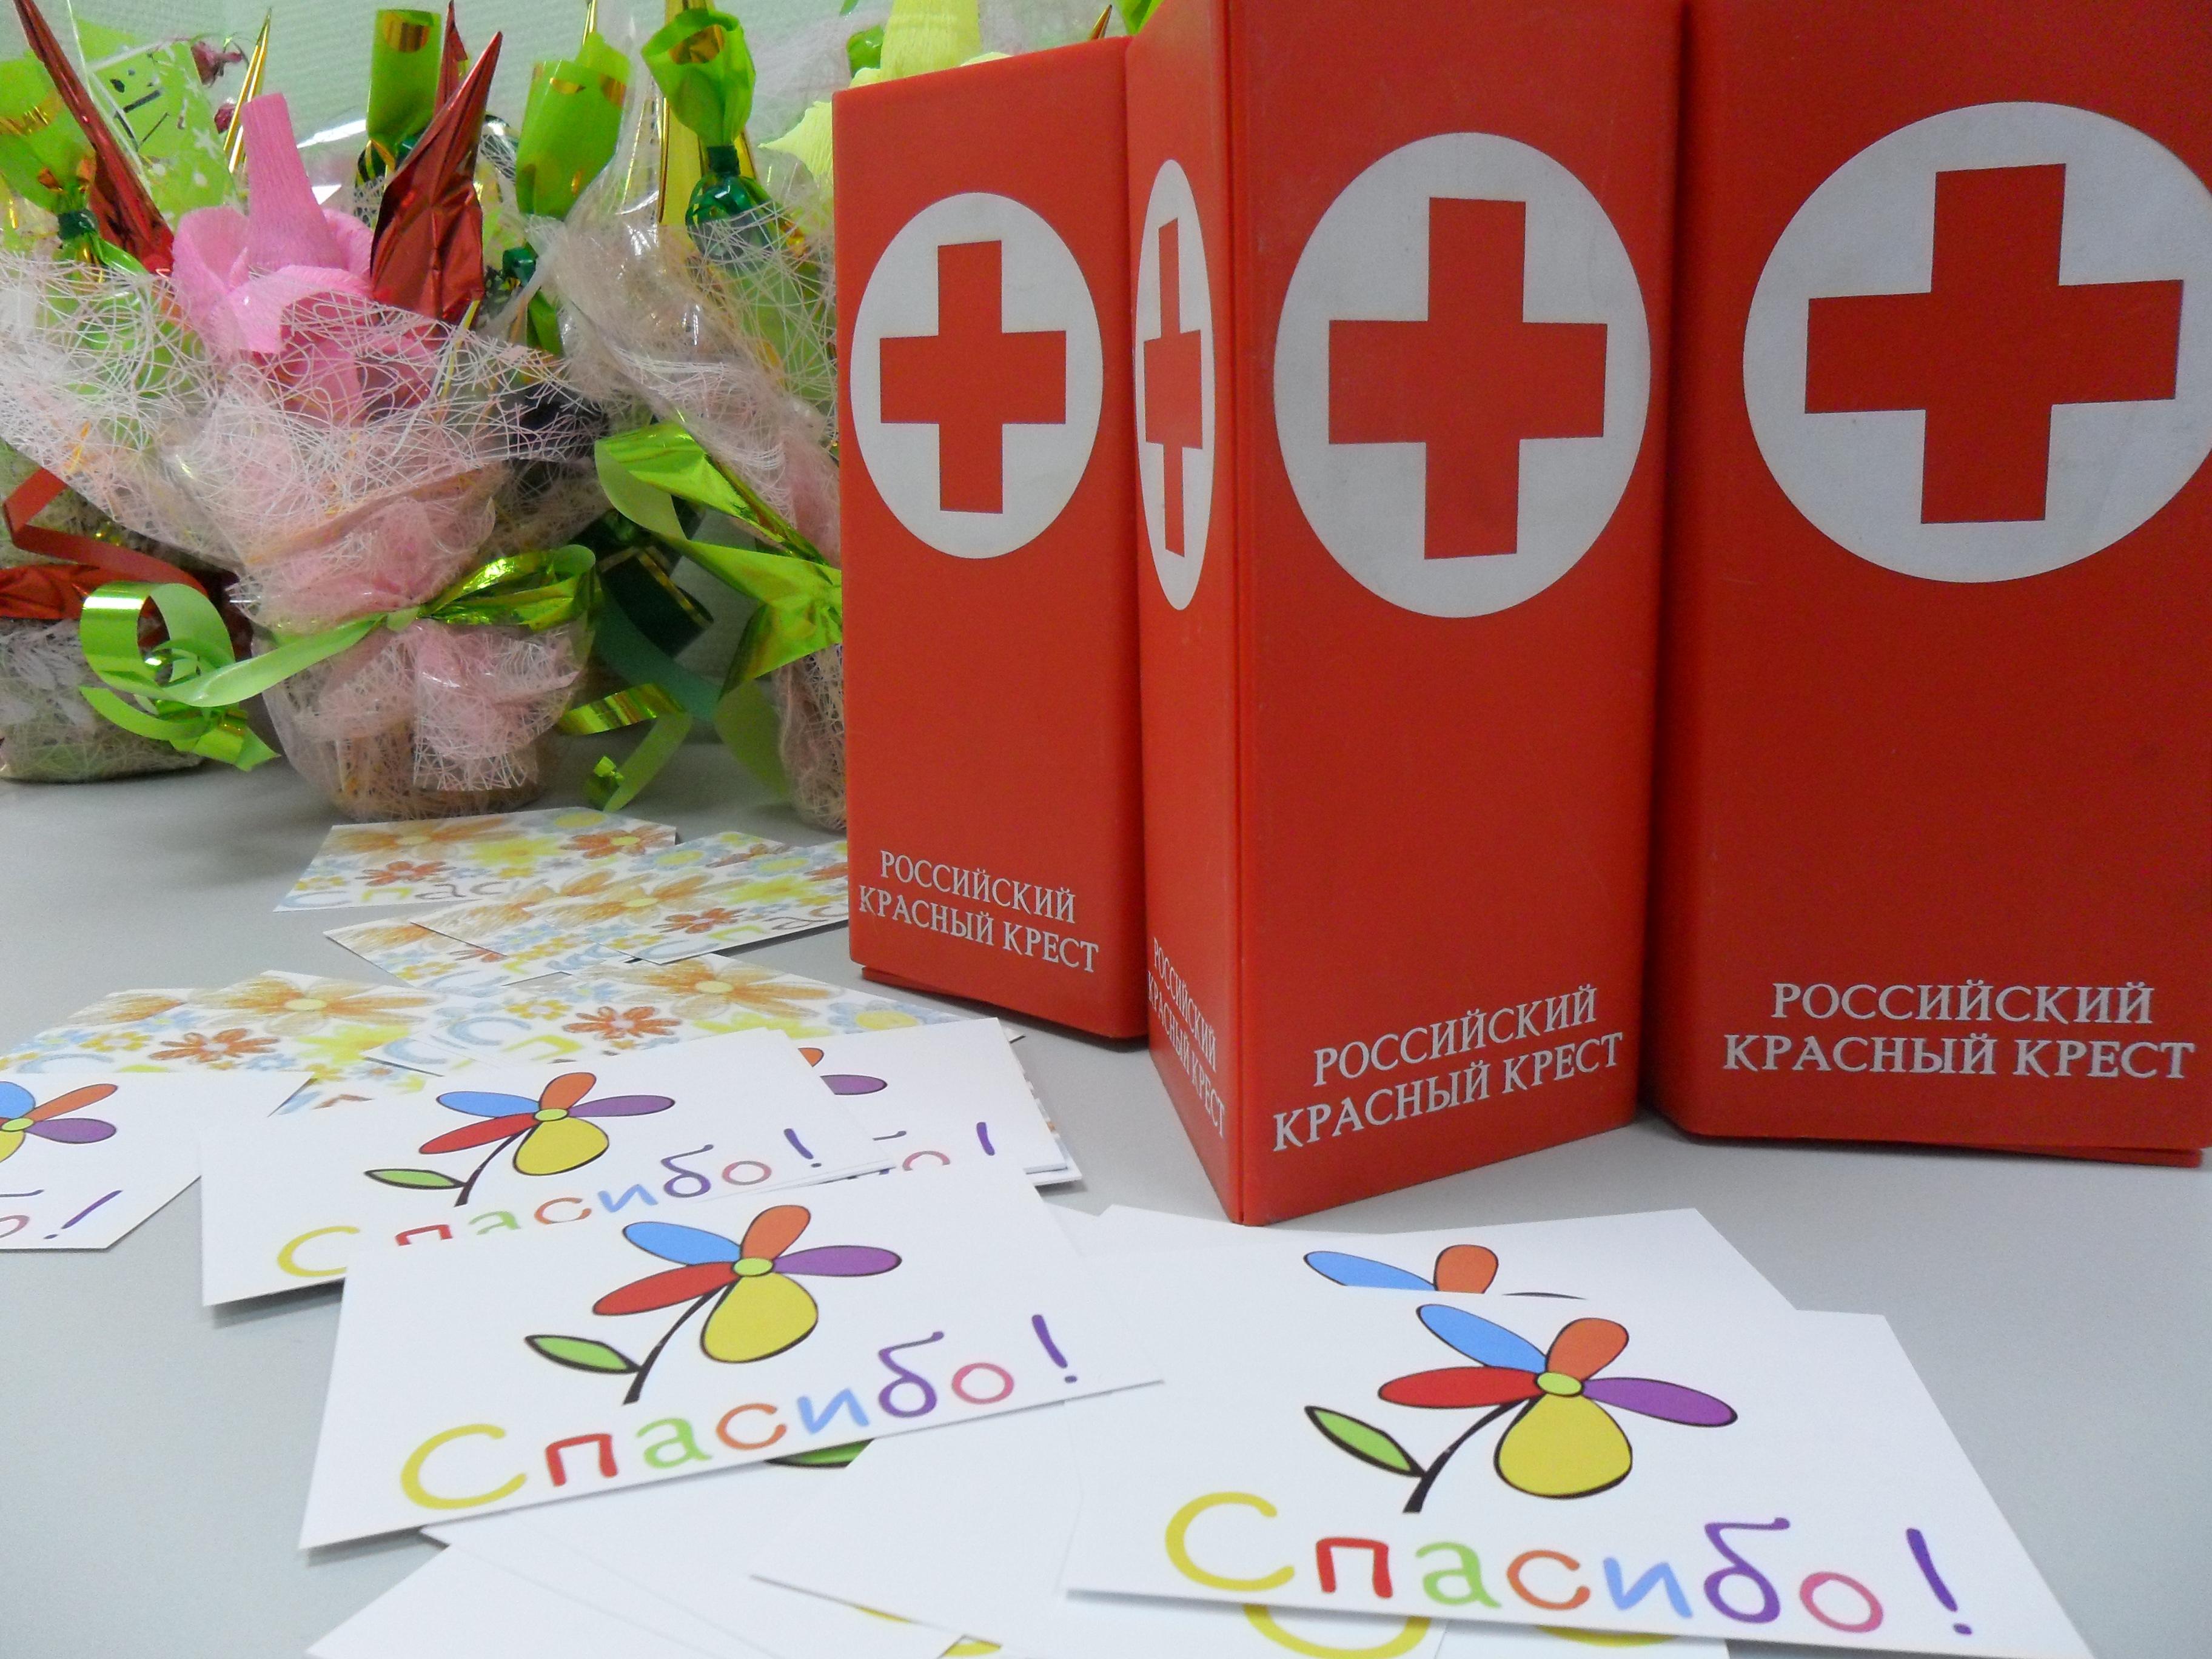 СМИ: Красный Крест в Севастополе «сливал» информацию Министерству обороны Украины